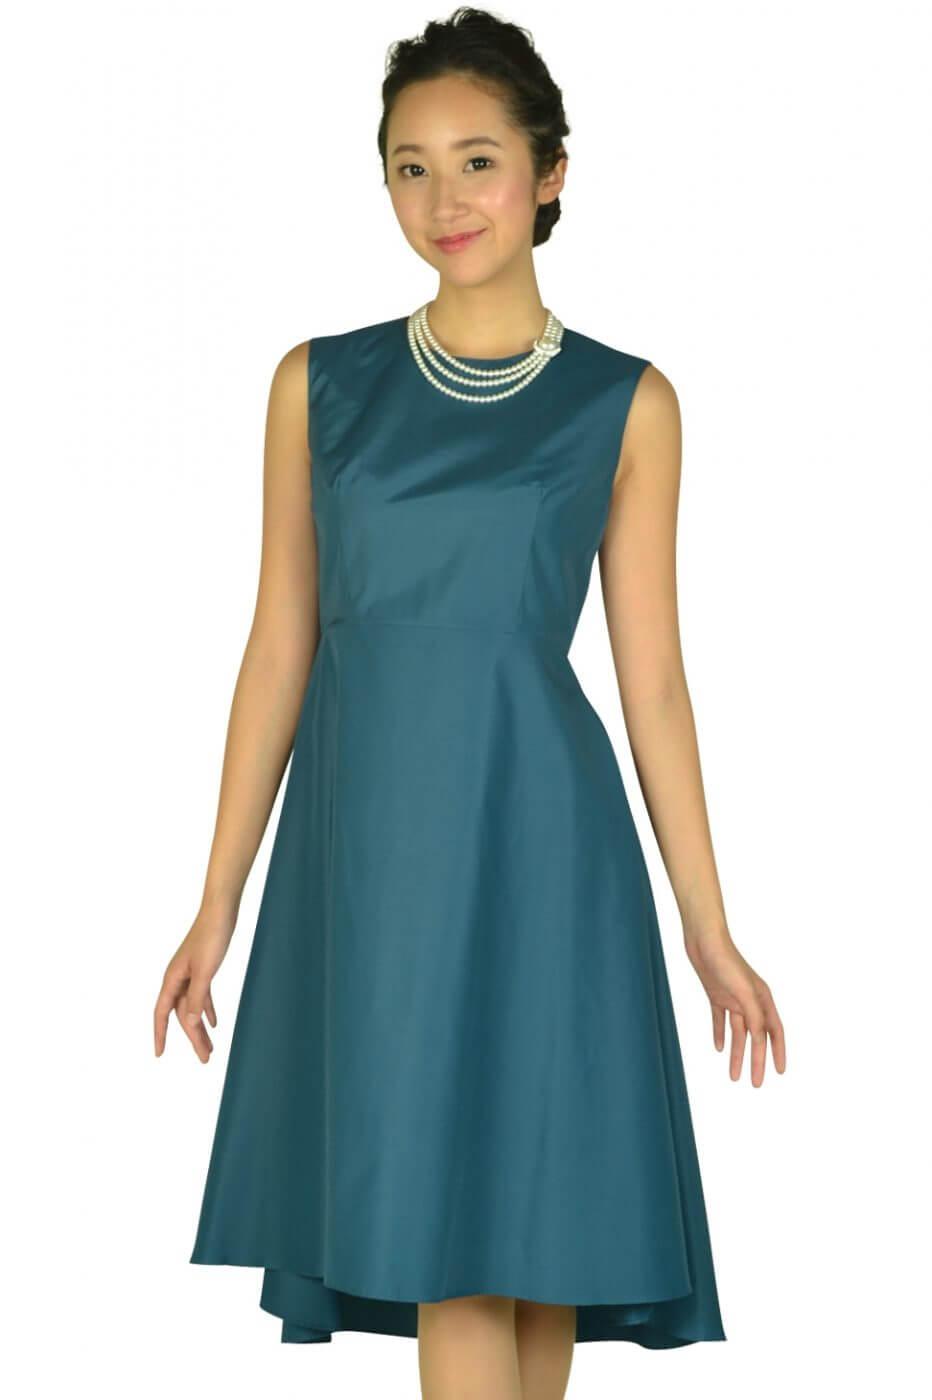 5da52ffb1ac47 ダリアンスケリー(Dalliance Kelly)フィッシュテールスカートグリーンドレス